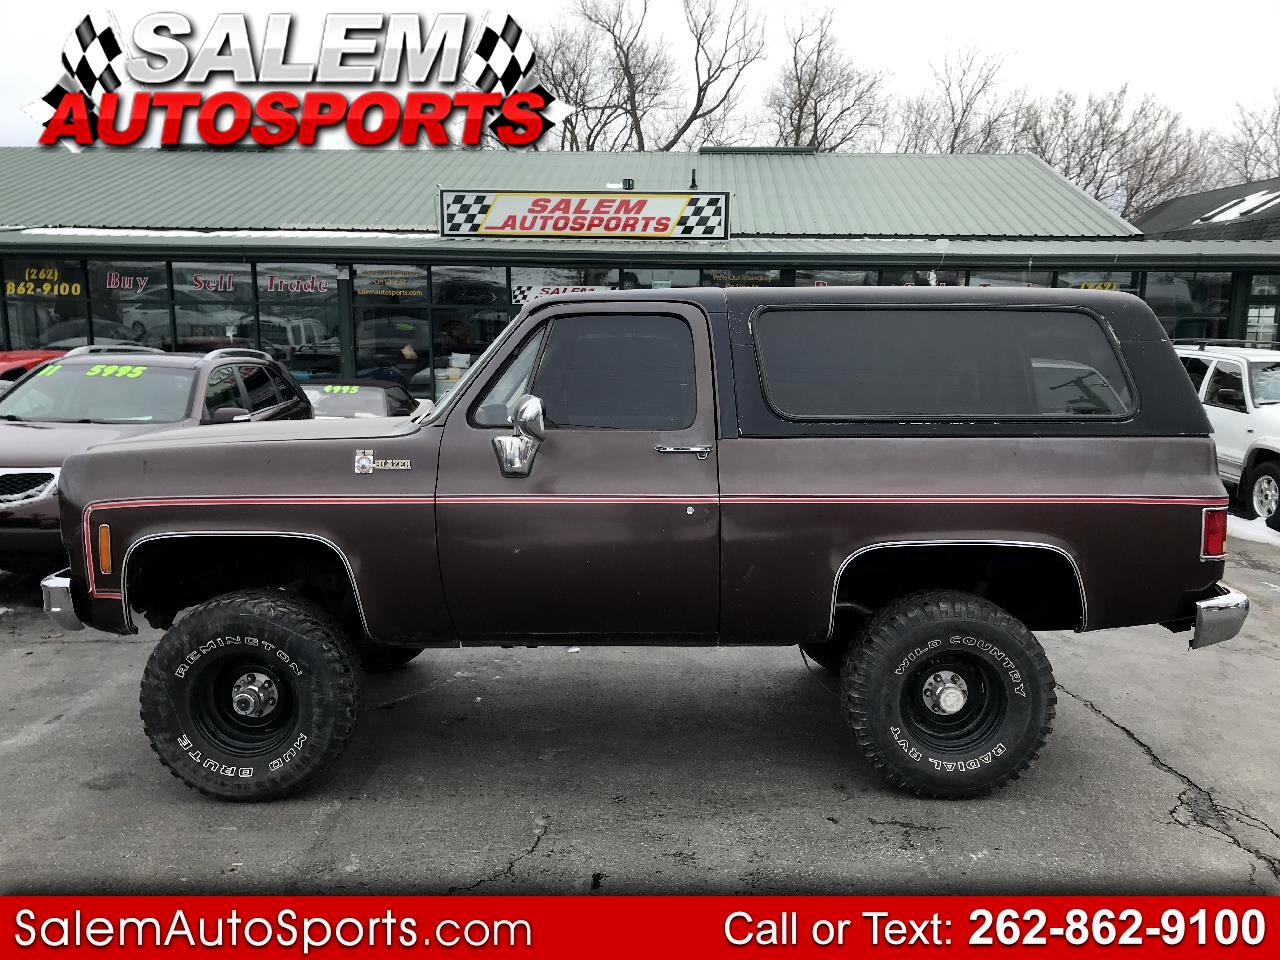 1978 Chevrolet C/K 10 Blazer 4WD